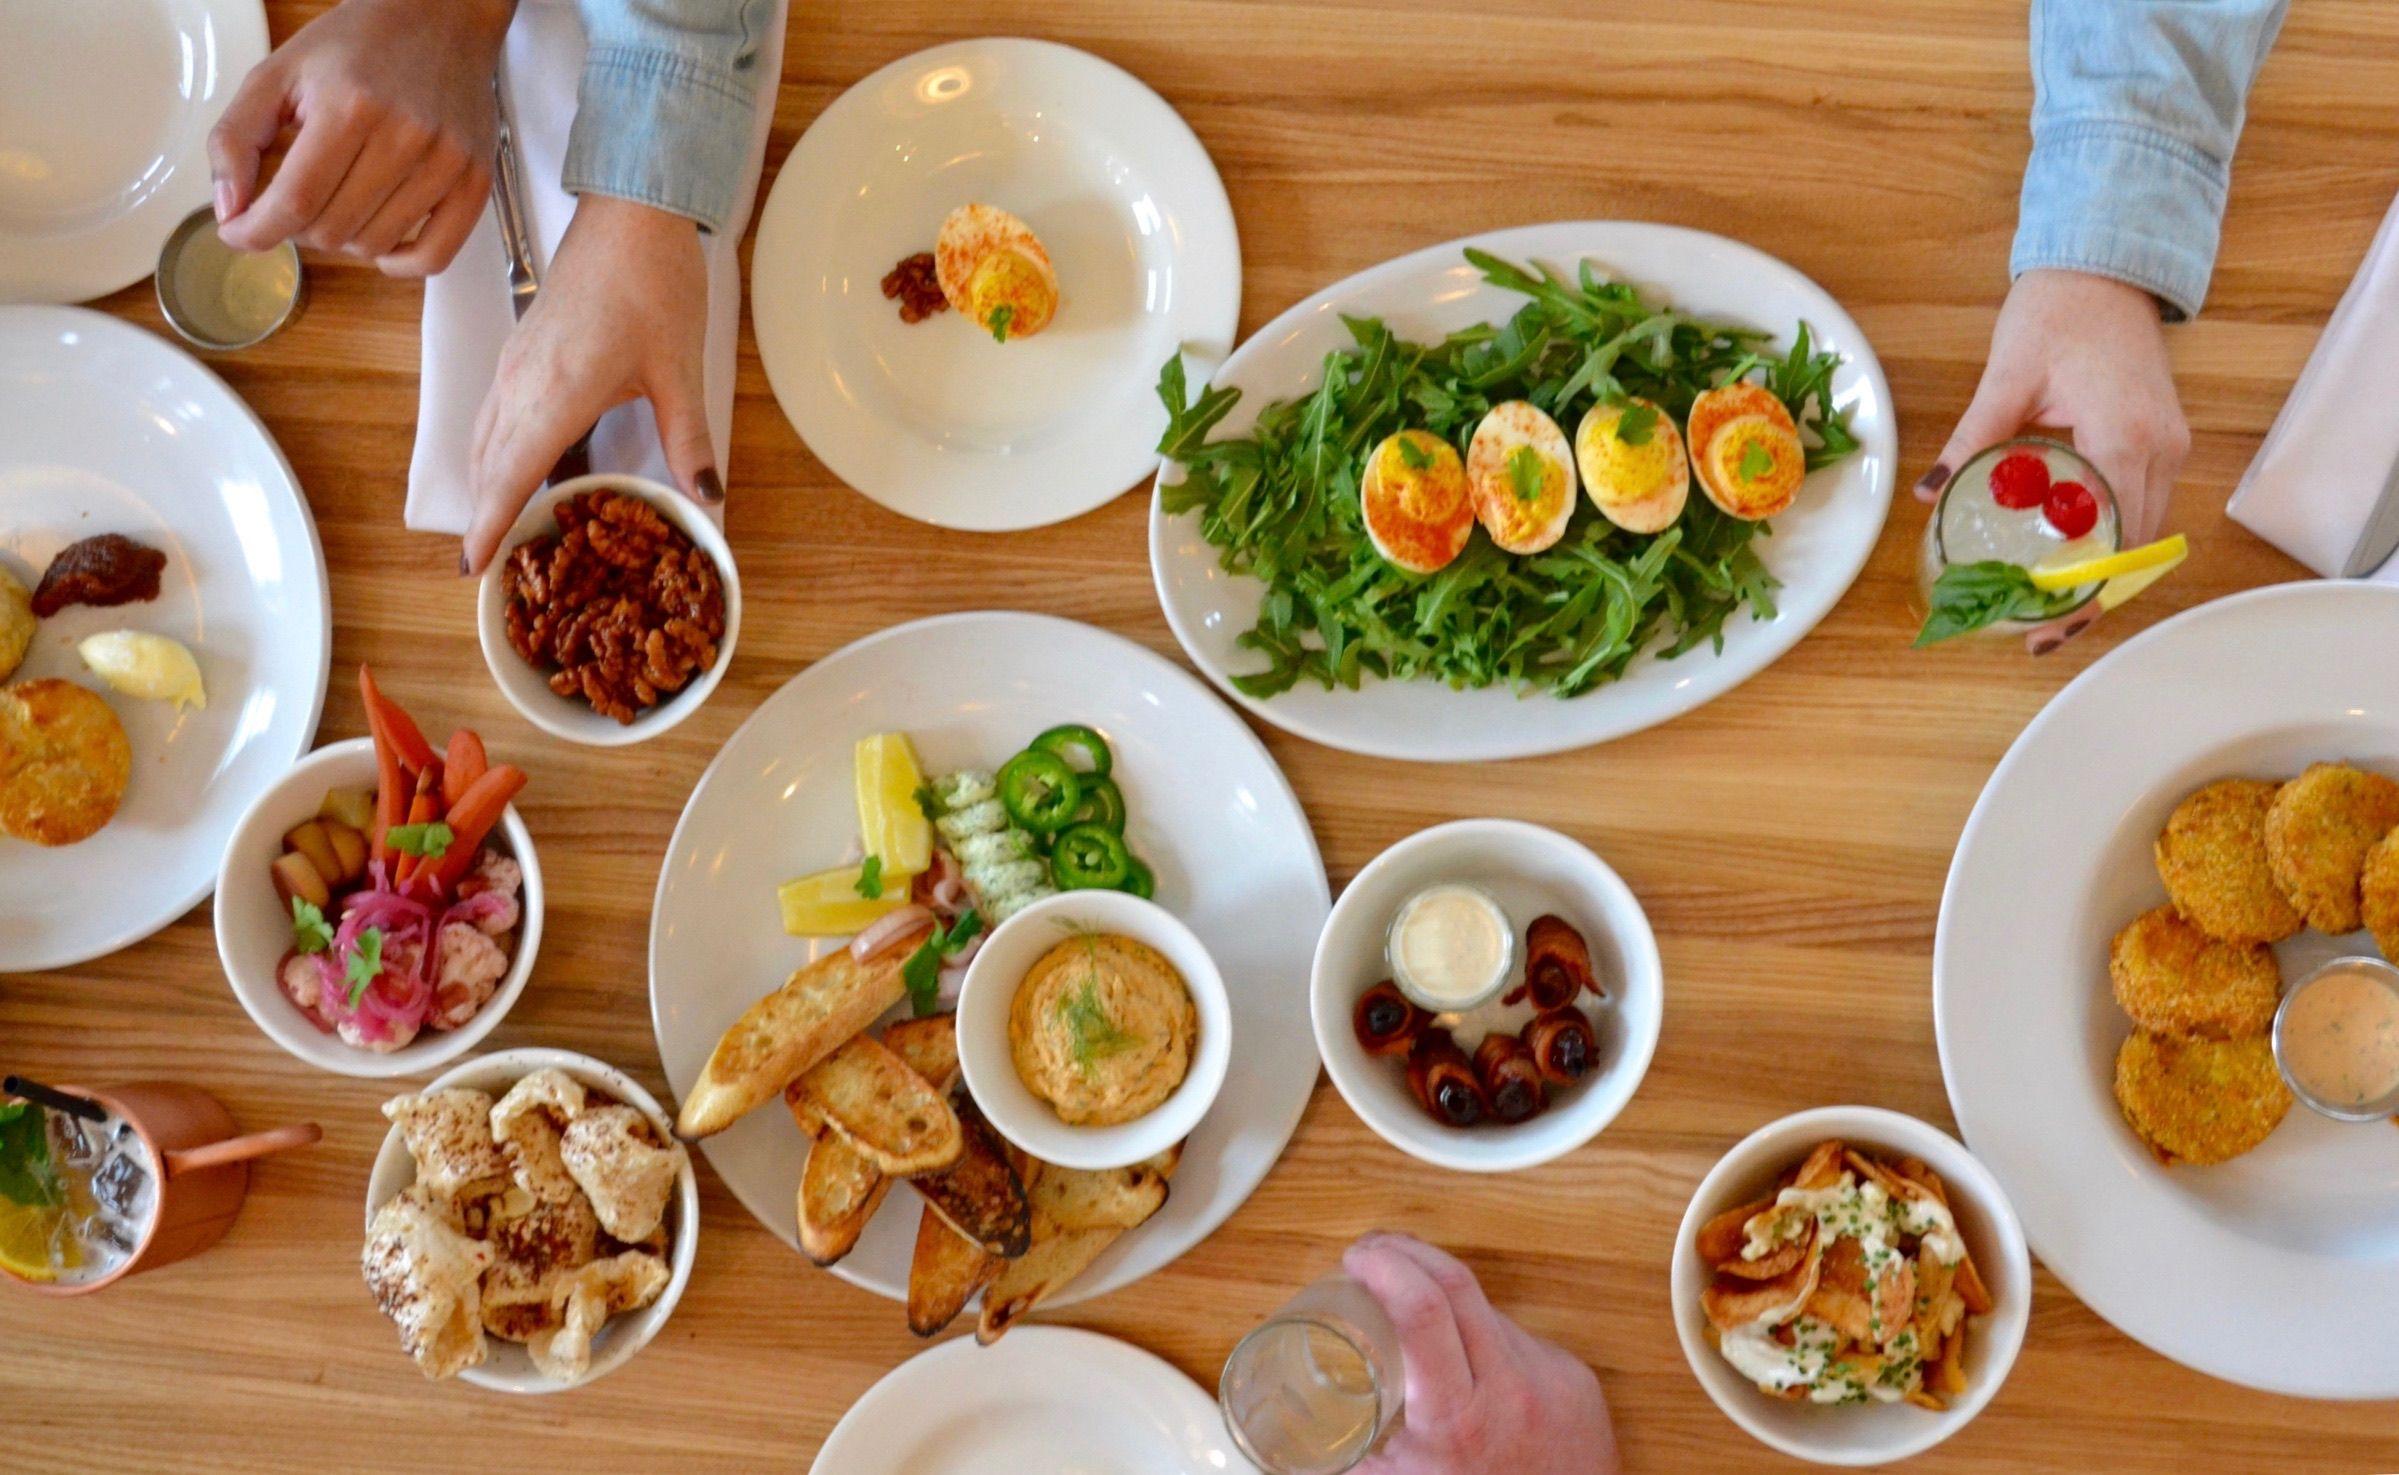 Colleens kitchen mueller restaurant food austin